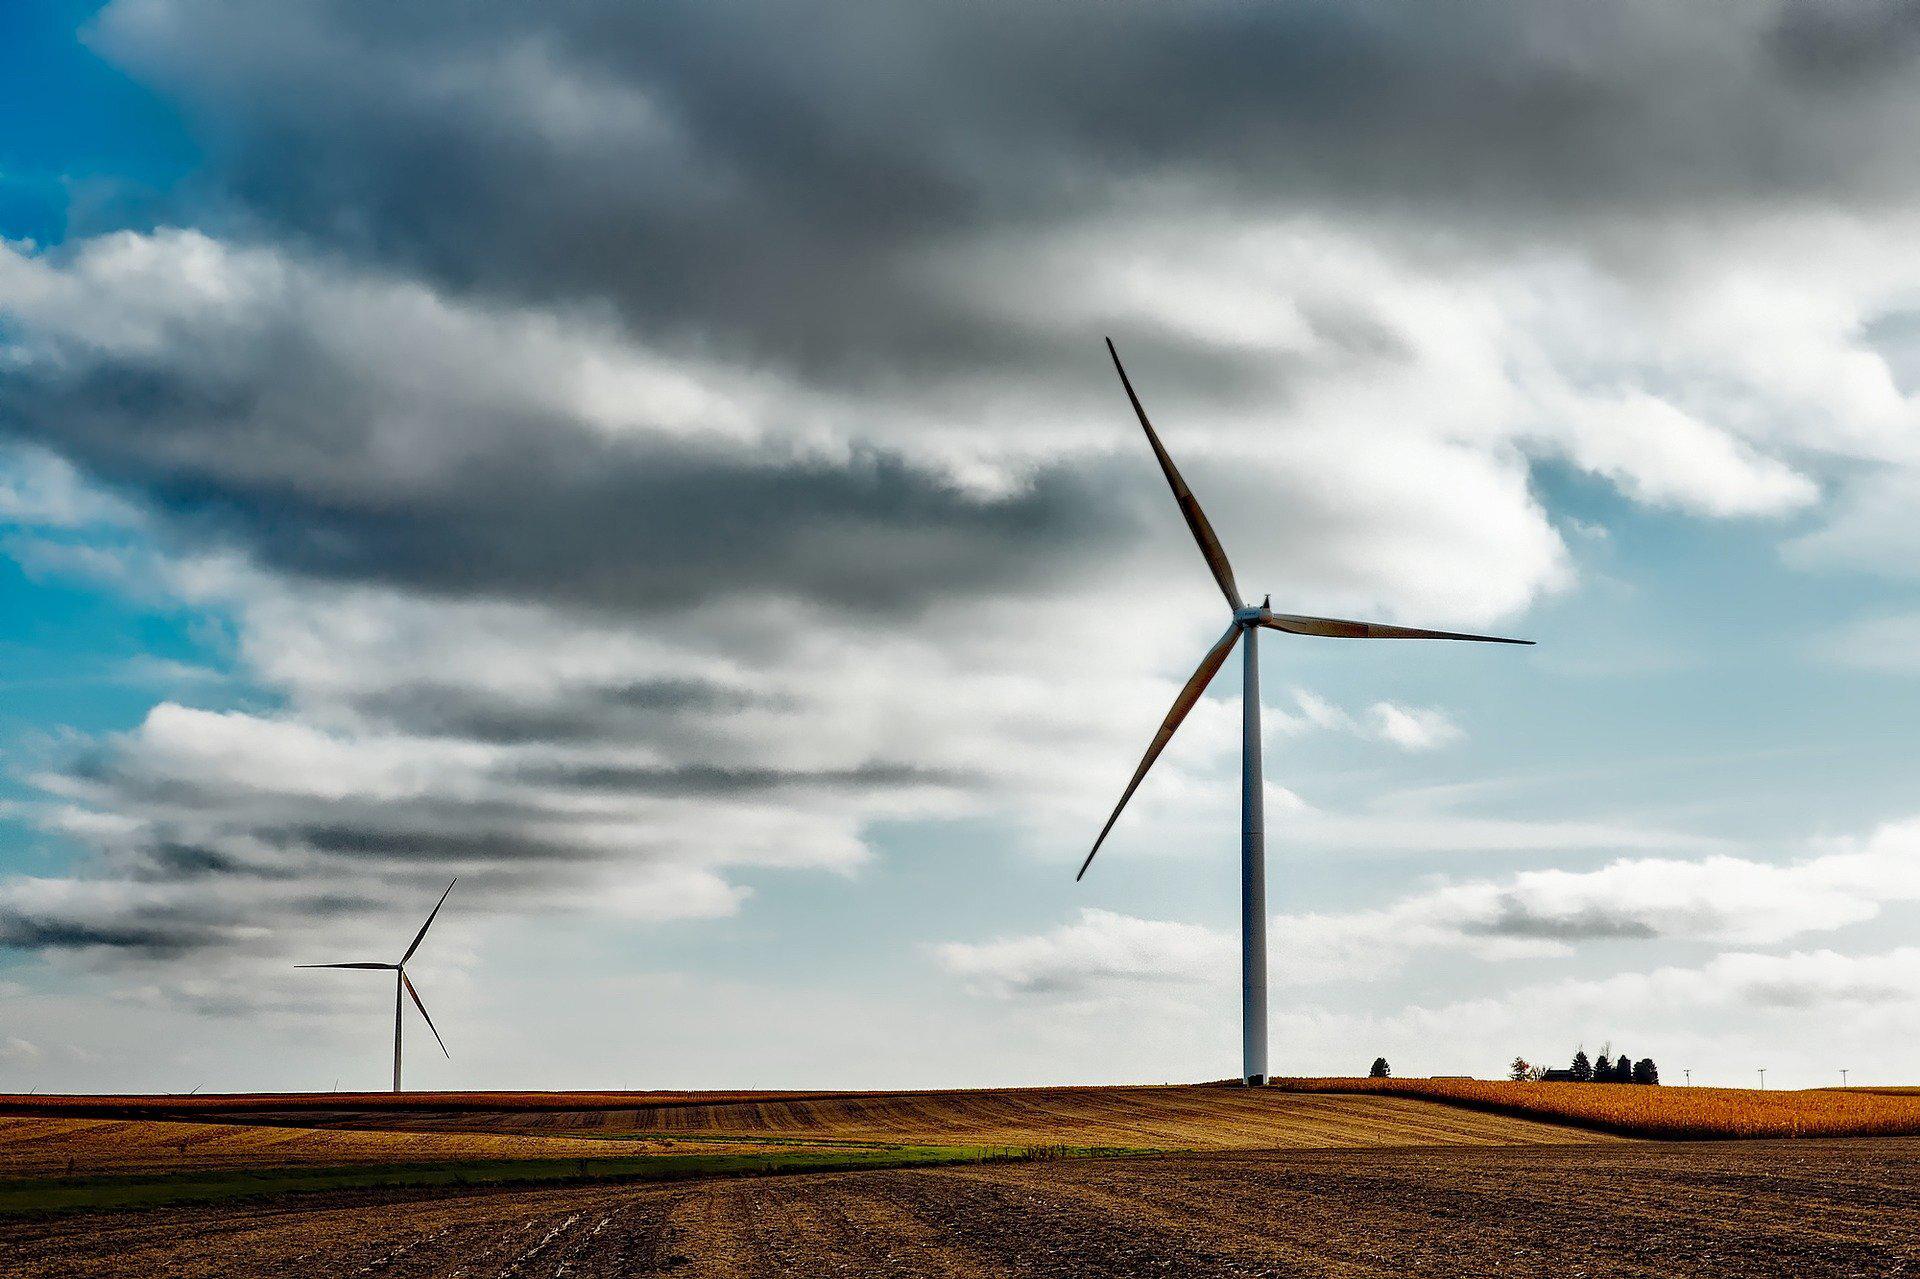 Ensayos de laboratorio para parques eólicos en Colombia